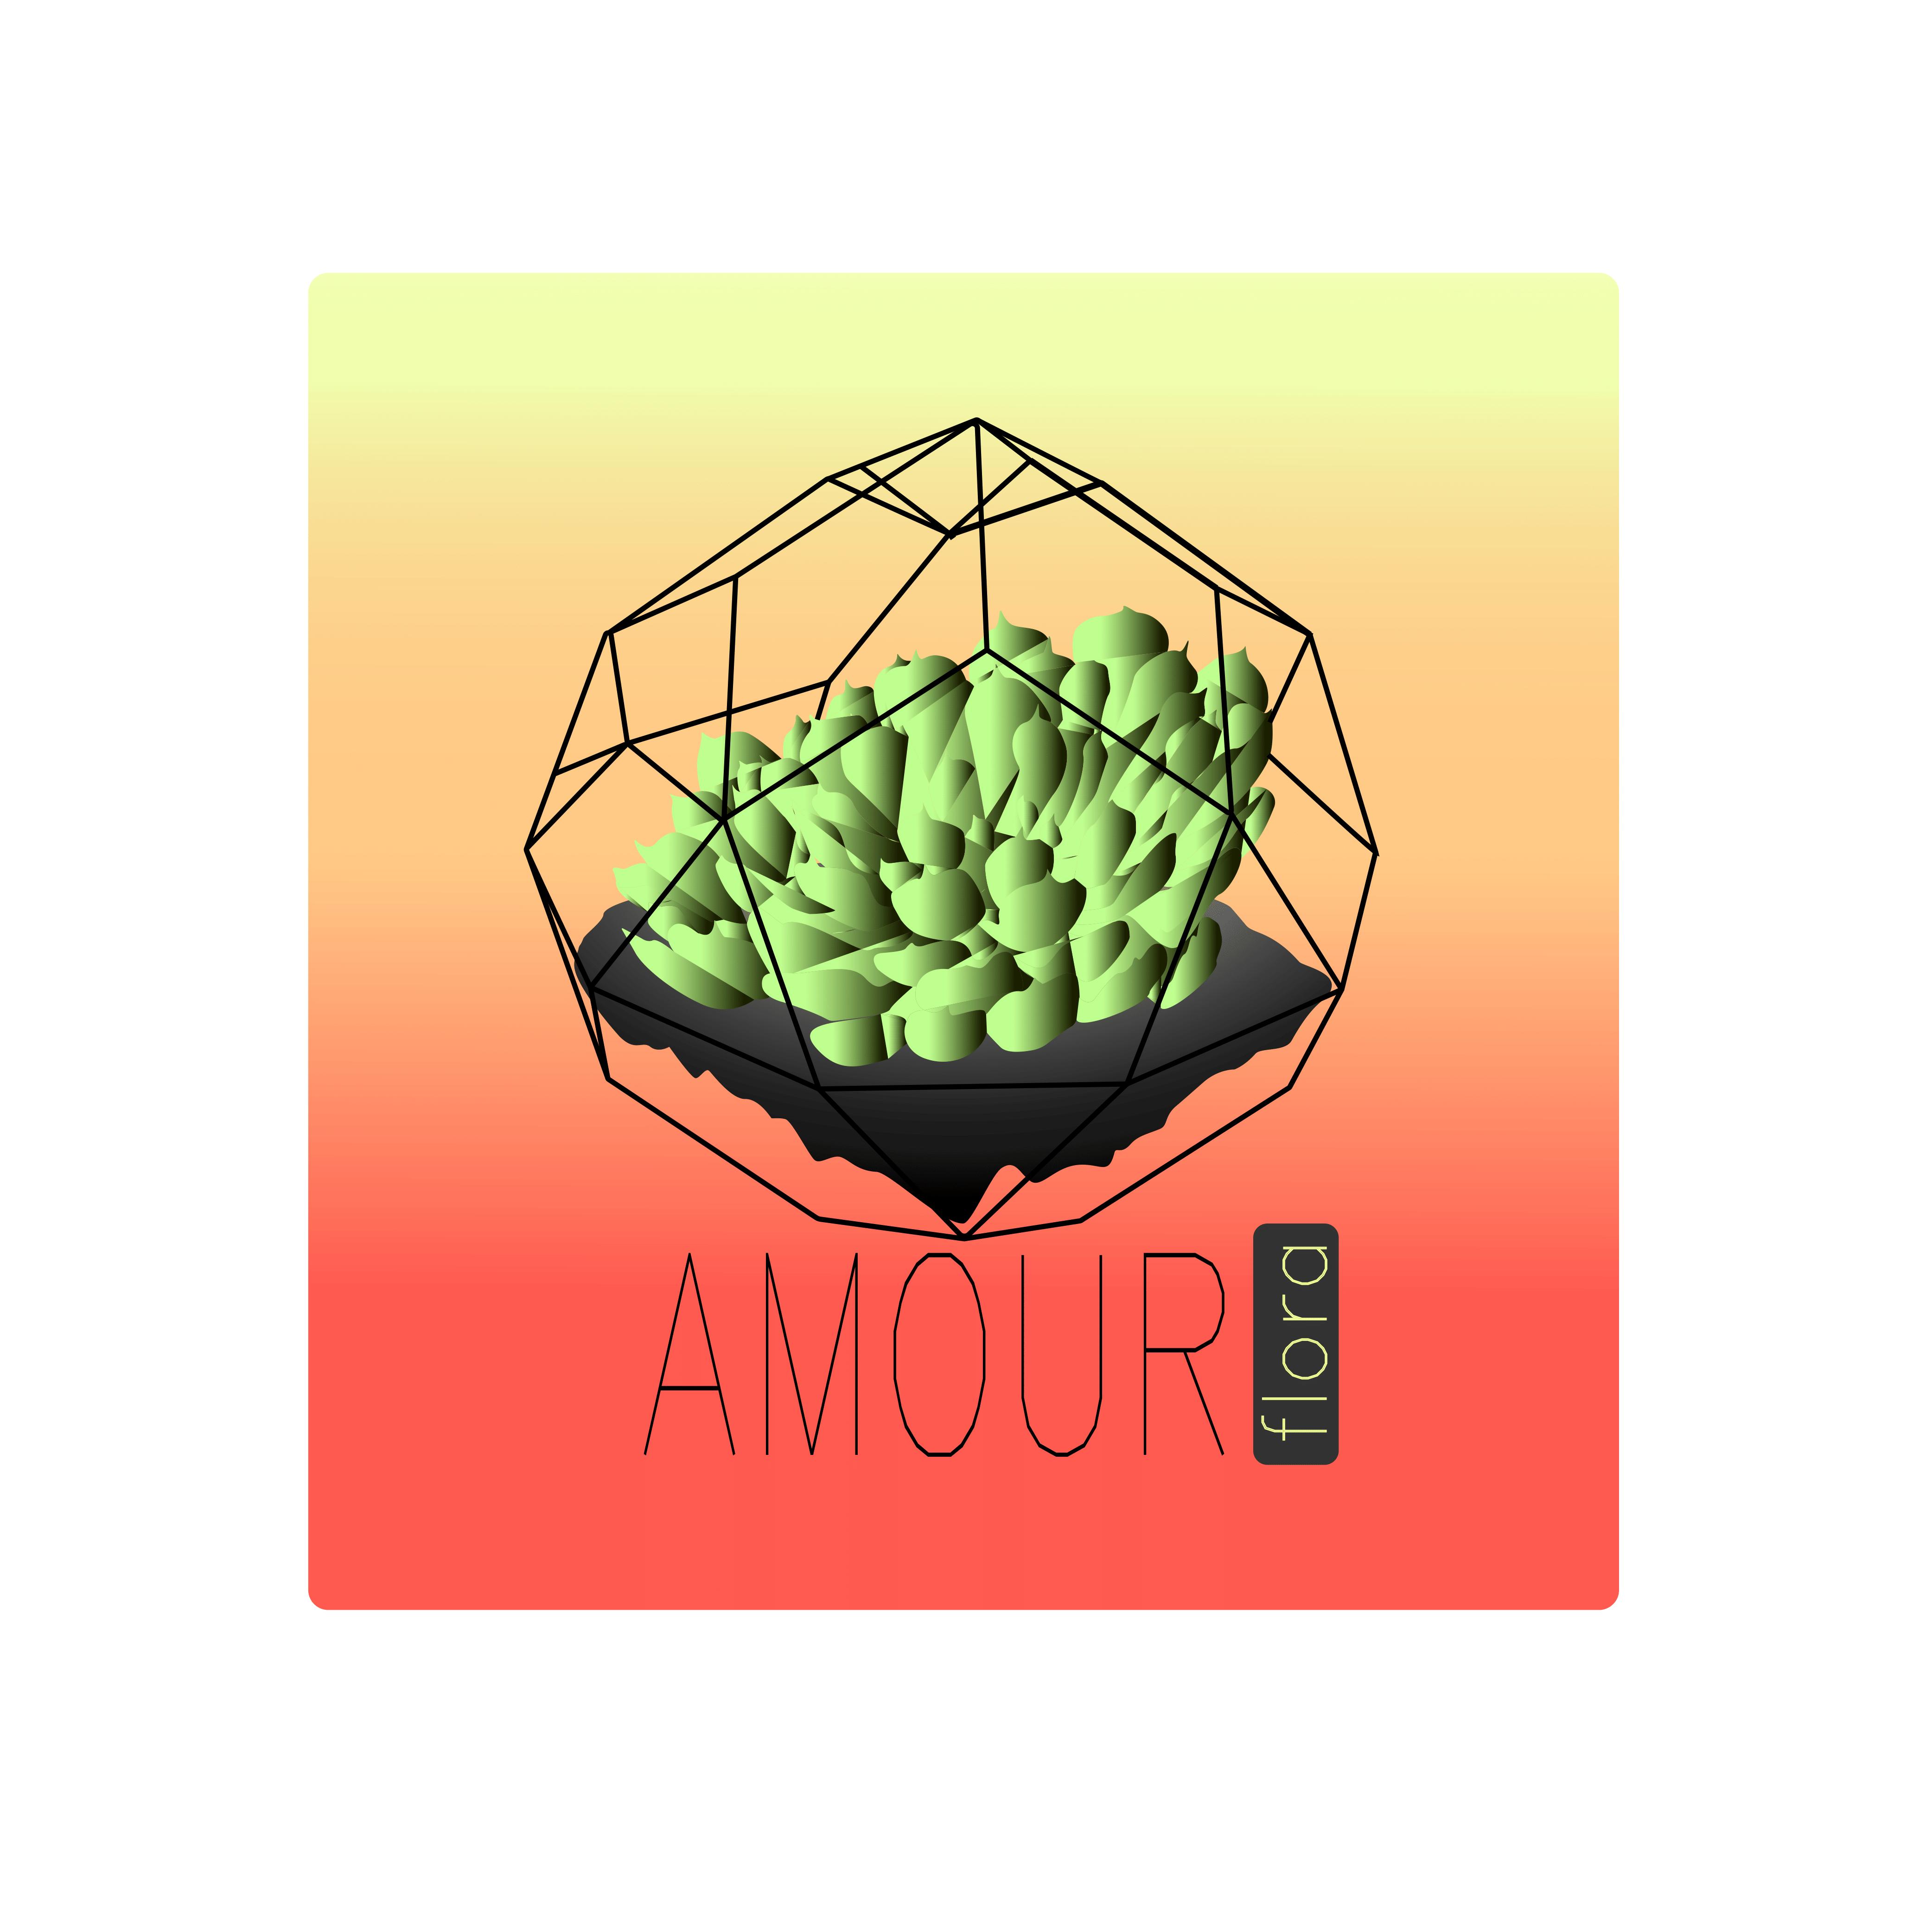 Дизайн кухонного фартука гексагональным пиксель-артом фото f_4625e1c0a02cdeaa.png